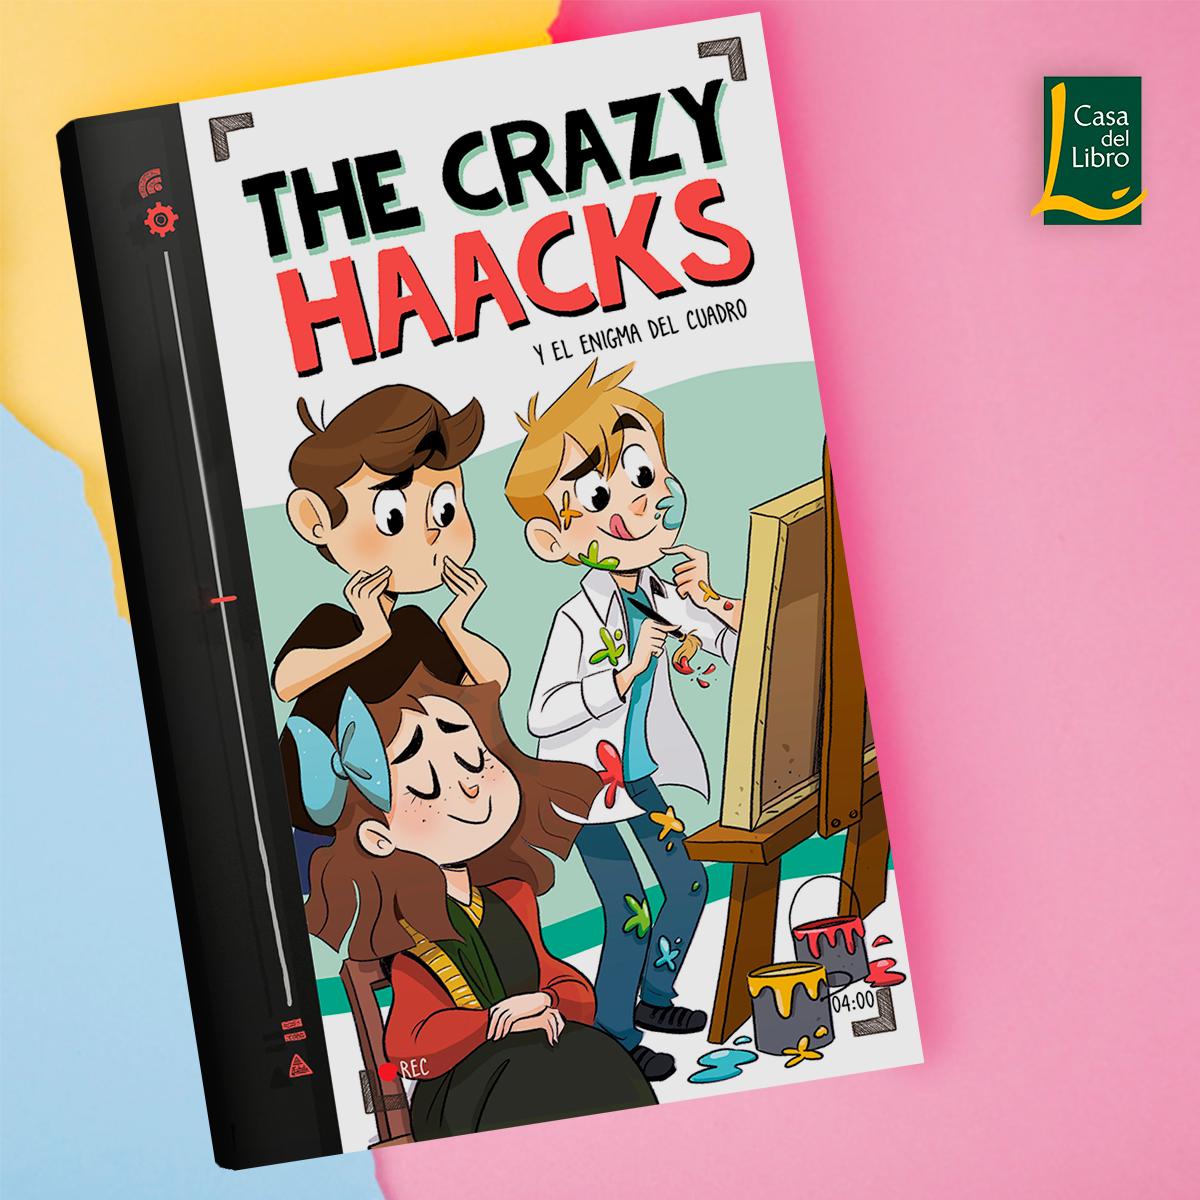 Novedades Esta Vez Los Hermanos Haack Tendrán Que Viajar A La Roma De Hace Siglos Para Hablar Con El Mismí Series De Libros Libros Grandes Matilda Roald Dahl